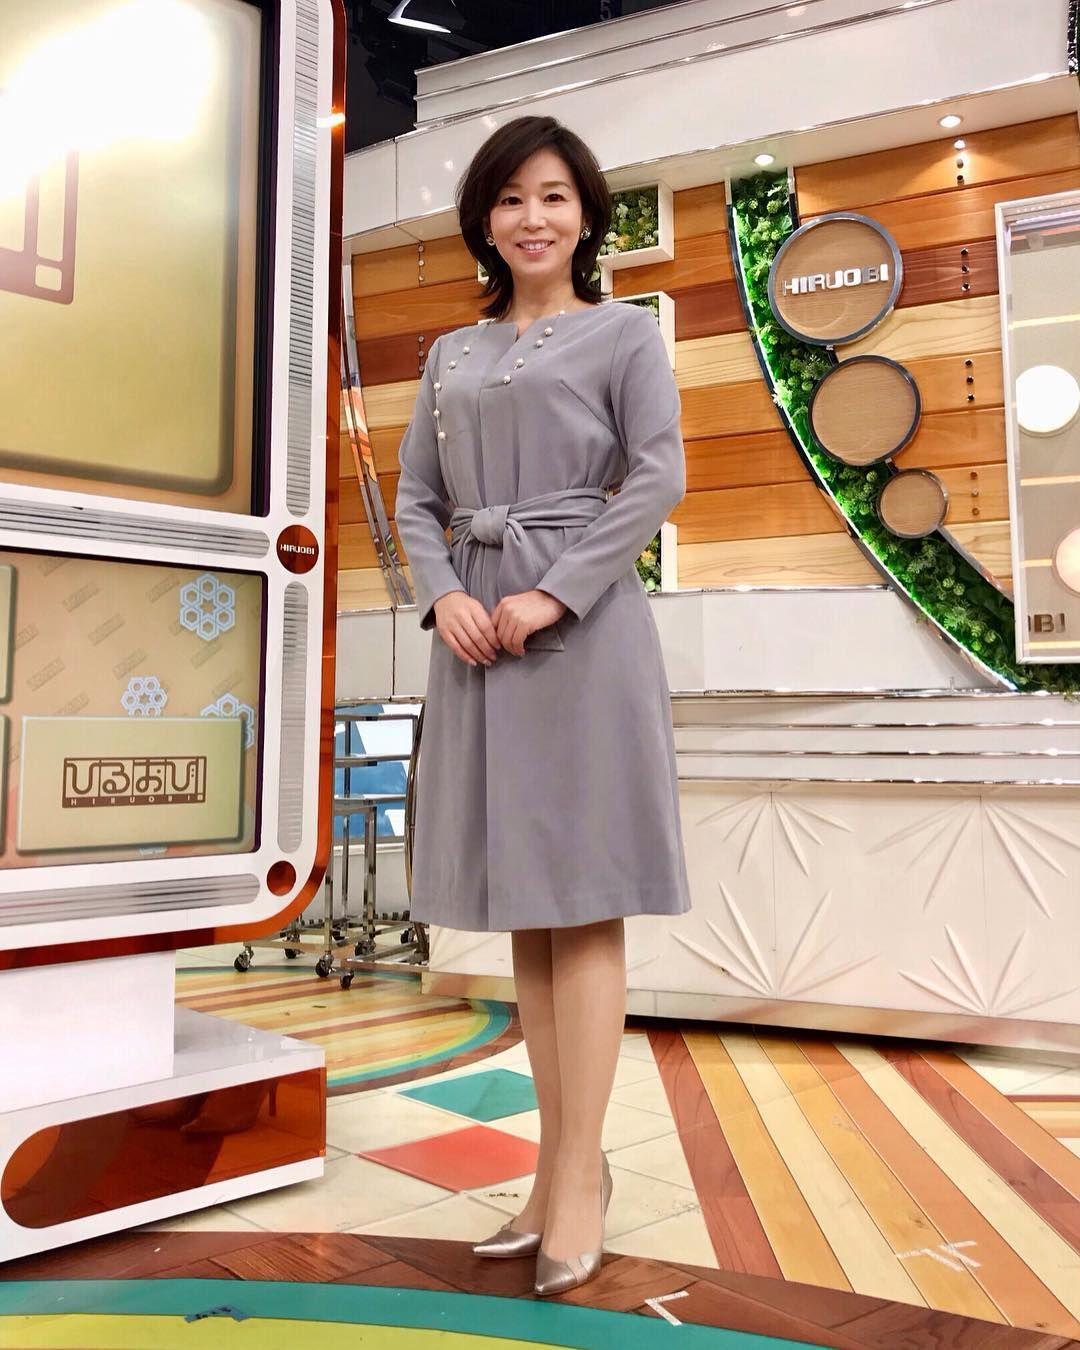 インスタ 伊藤 グラム 聡子